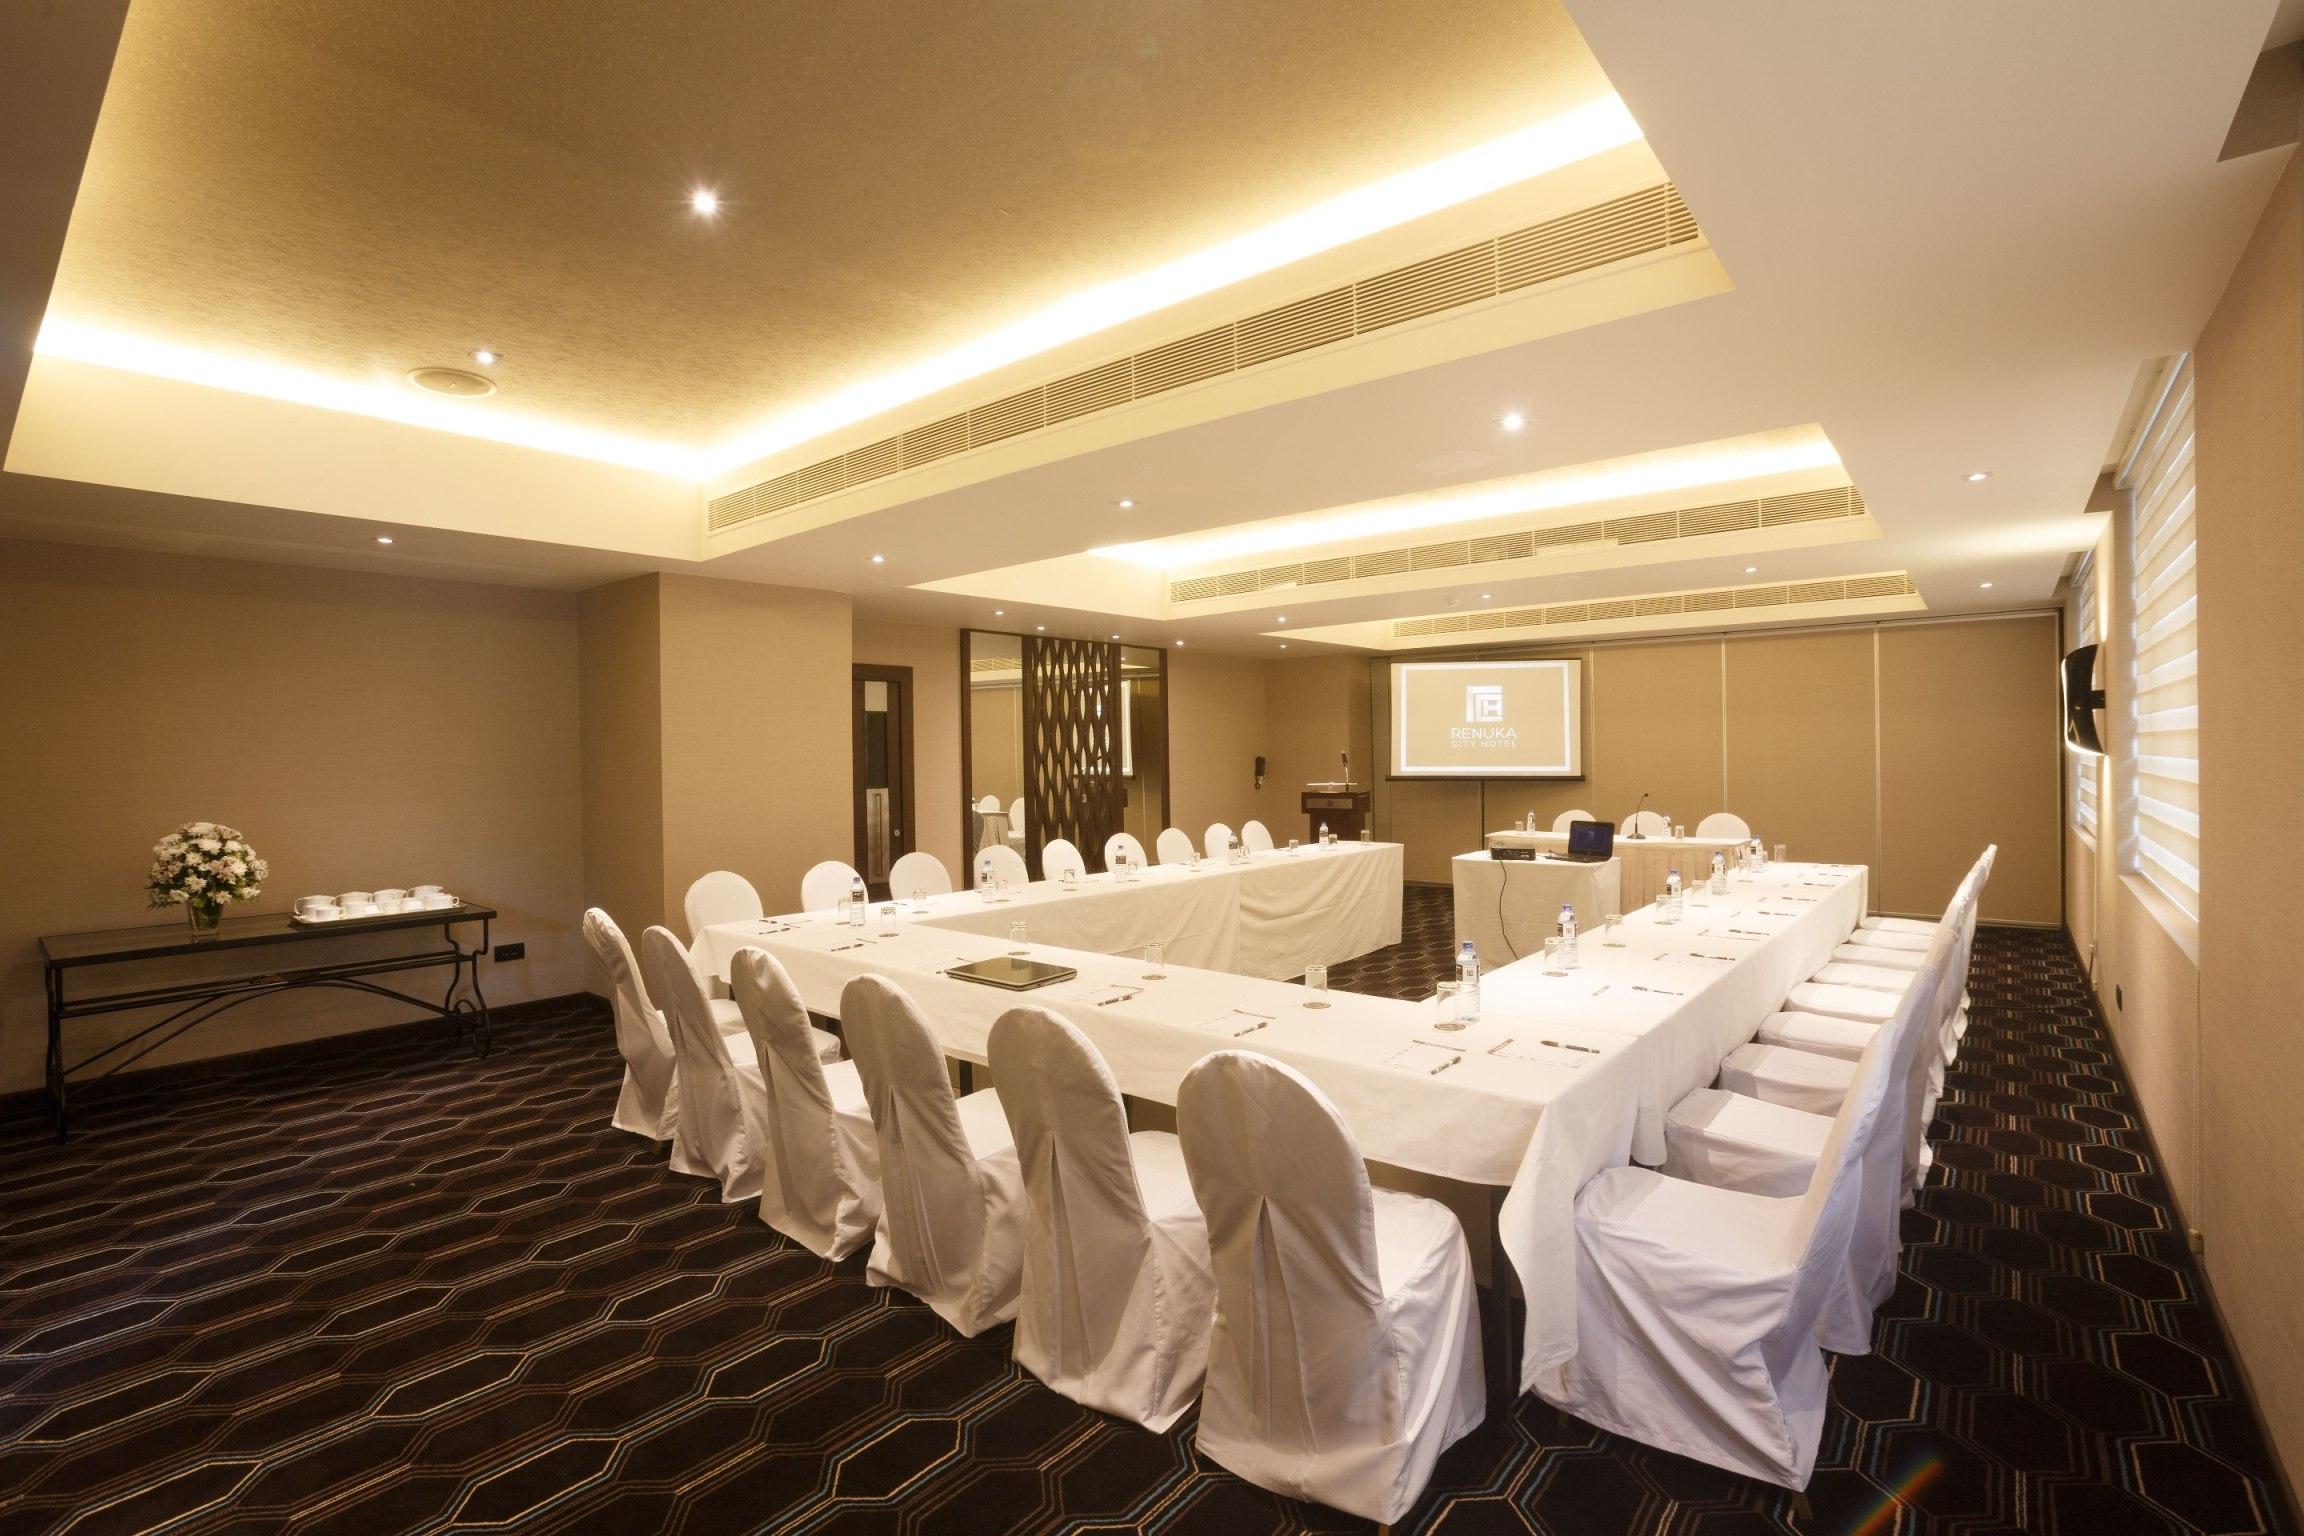 Renuka-City-Hotel-new-LBO  (3)